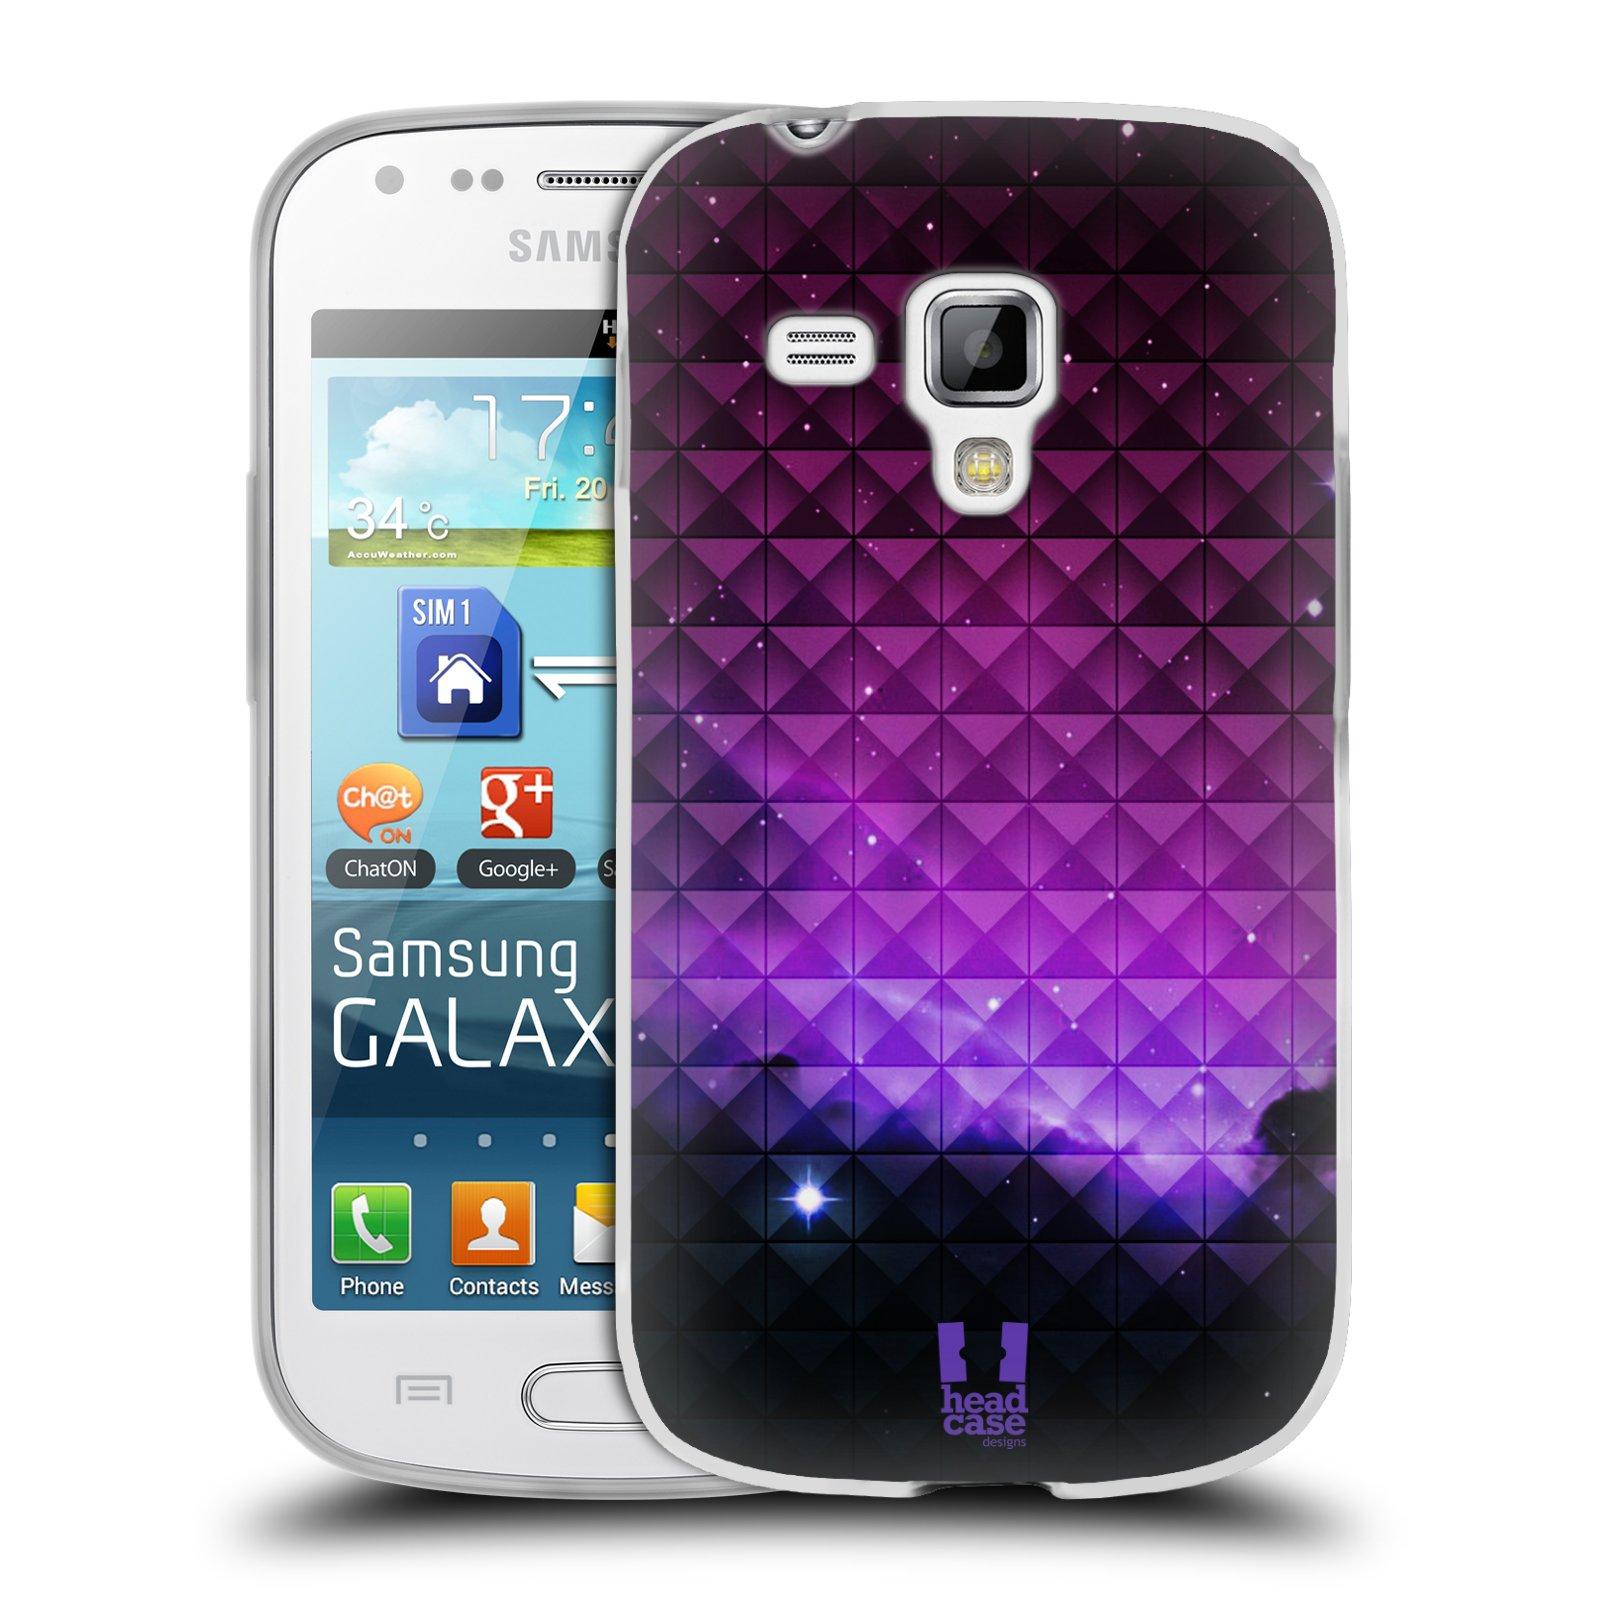 Silikonové pouzdro na mobil Samsung Galaxy S Duos 2 HEAD CASE PURPLE HAZE (Silikonový kryt či obal na mobilní telefon Samsung Galaxy S Duos 2 GT-S7582)